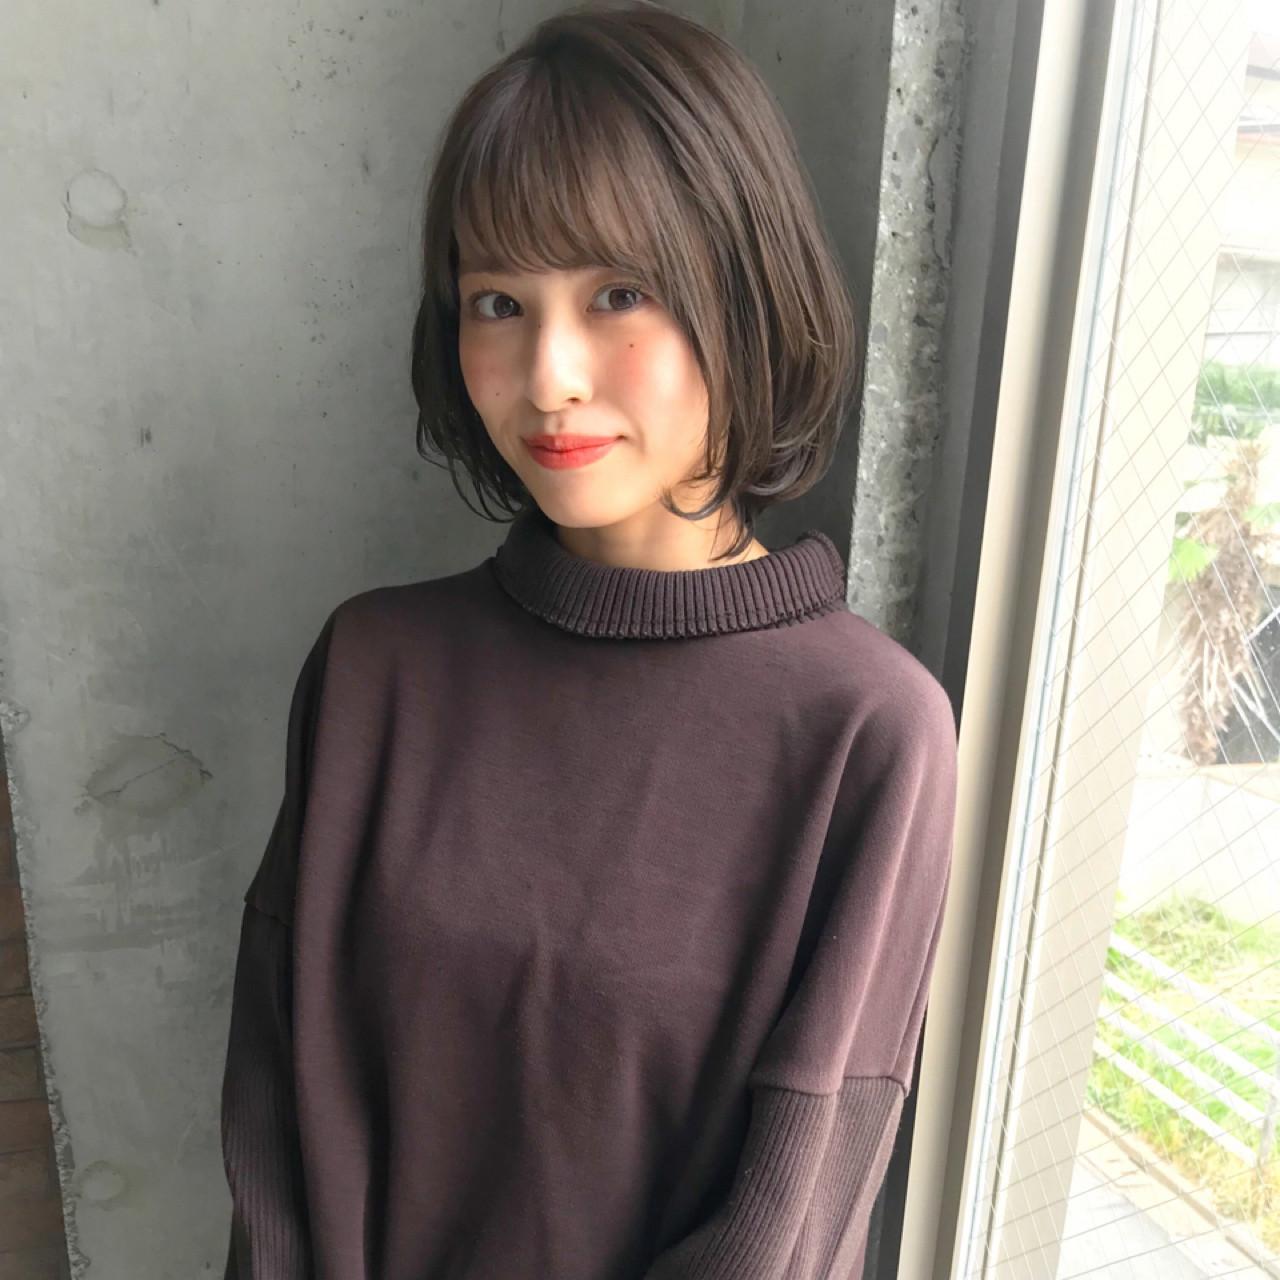 小顔 似合わせ 秋 冬 ヘアスタイルや髪型の写真・画像 | MANOHARU 新屋敷 / MANOHARU